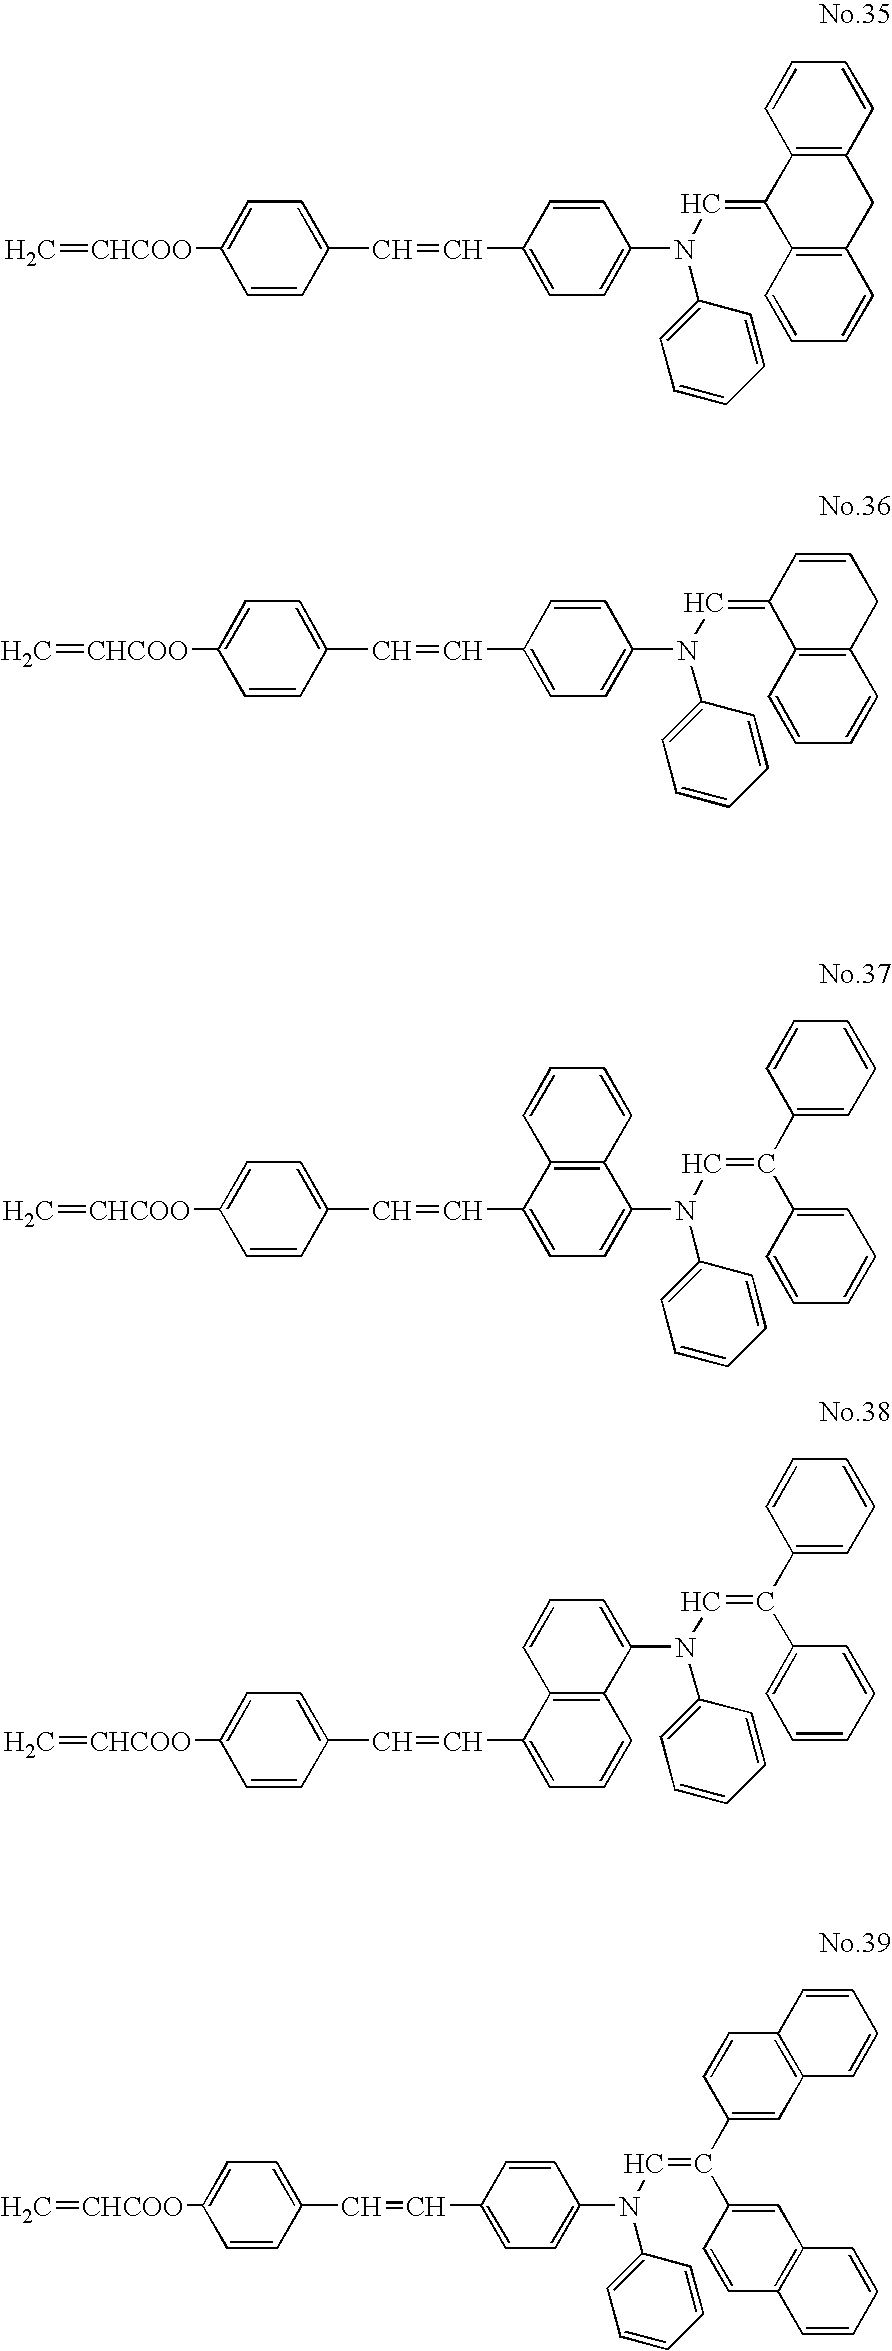 Figure US07507509-20090324-C00013